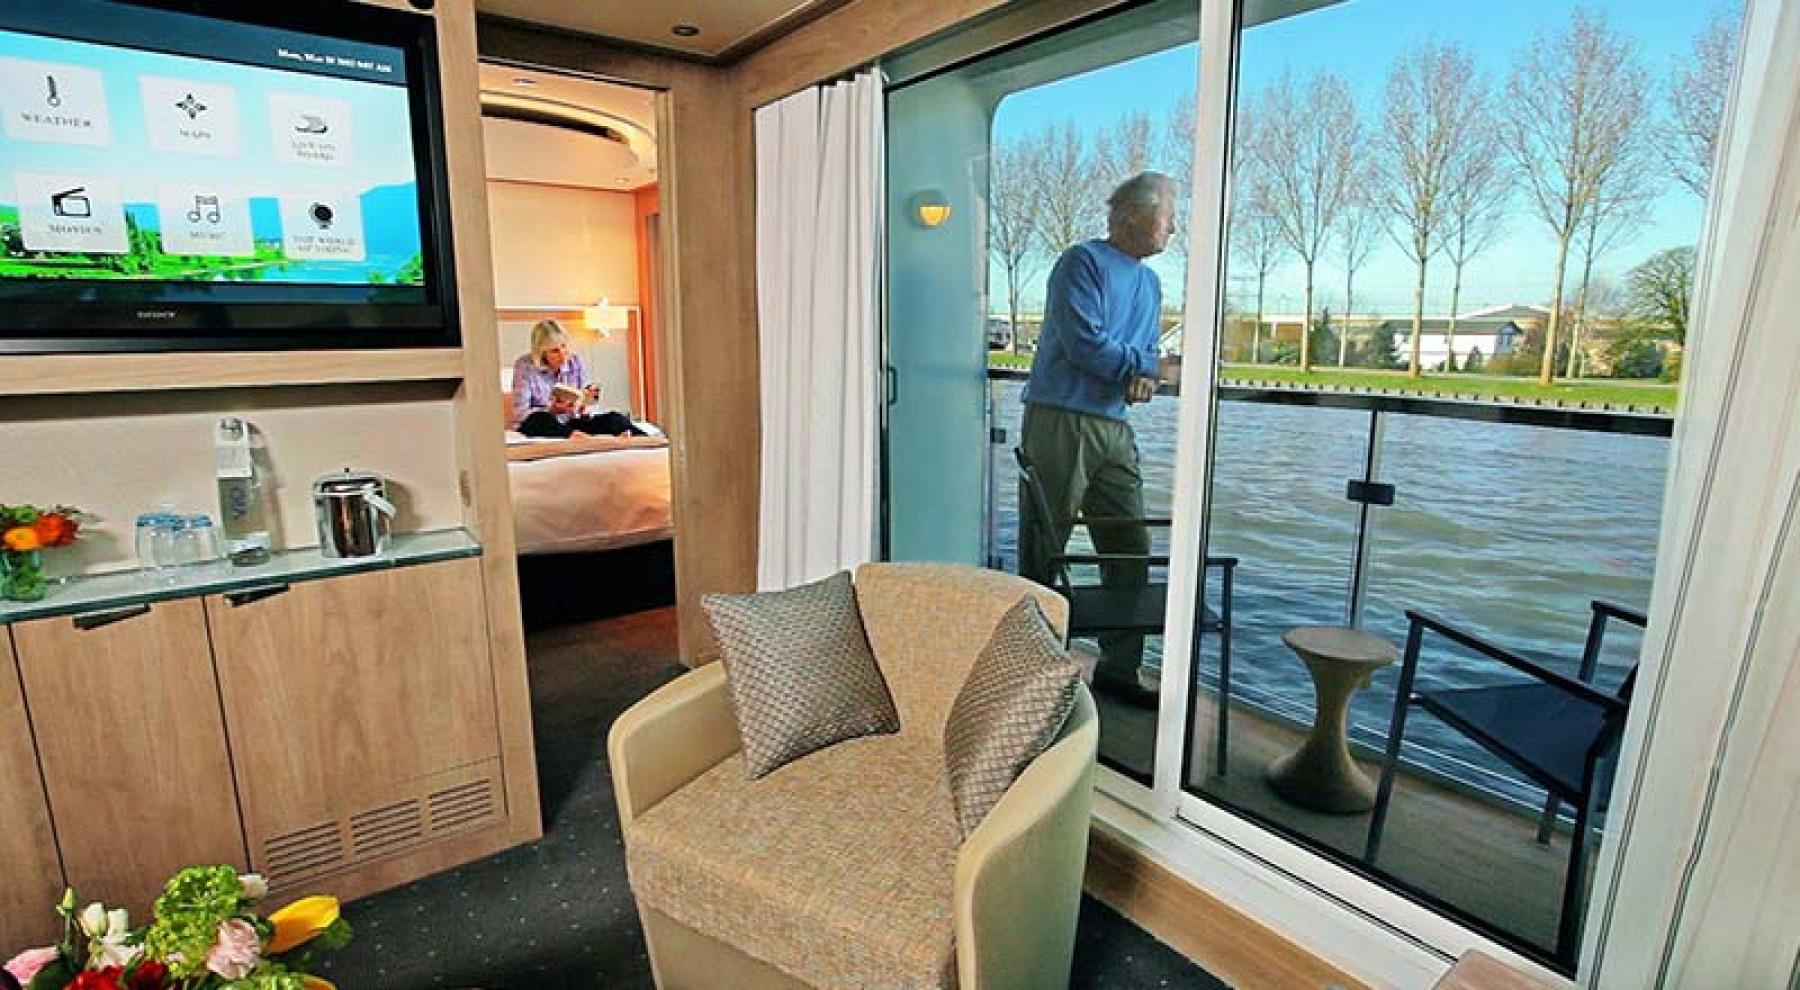 Viking River Cruises - Freya - Accommodation - Veranda Suite - Photo 4.jpg